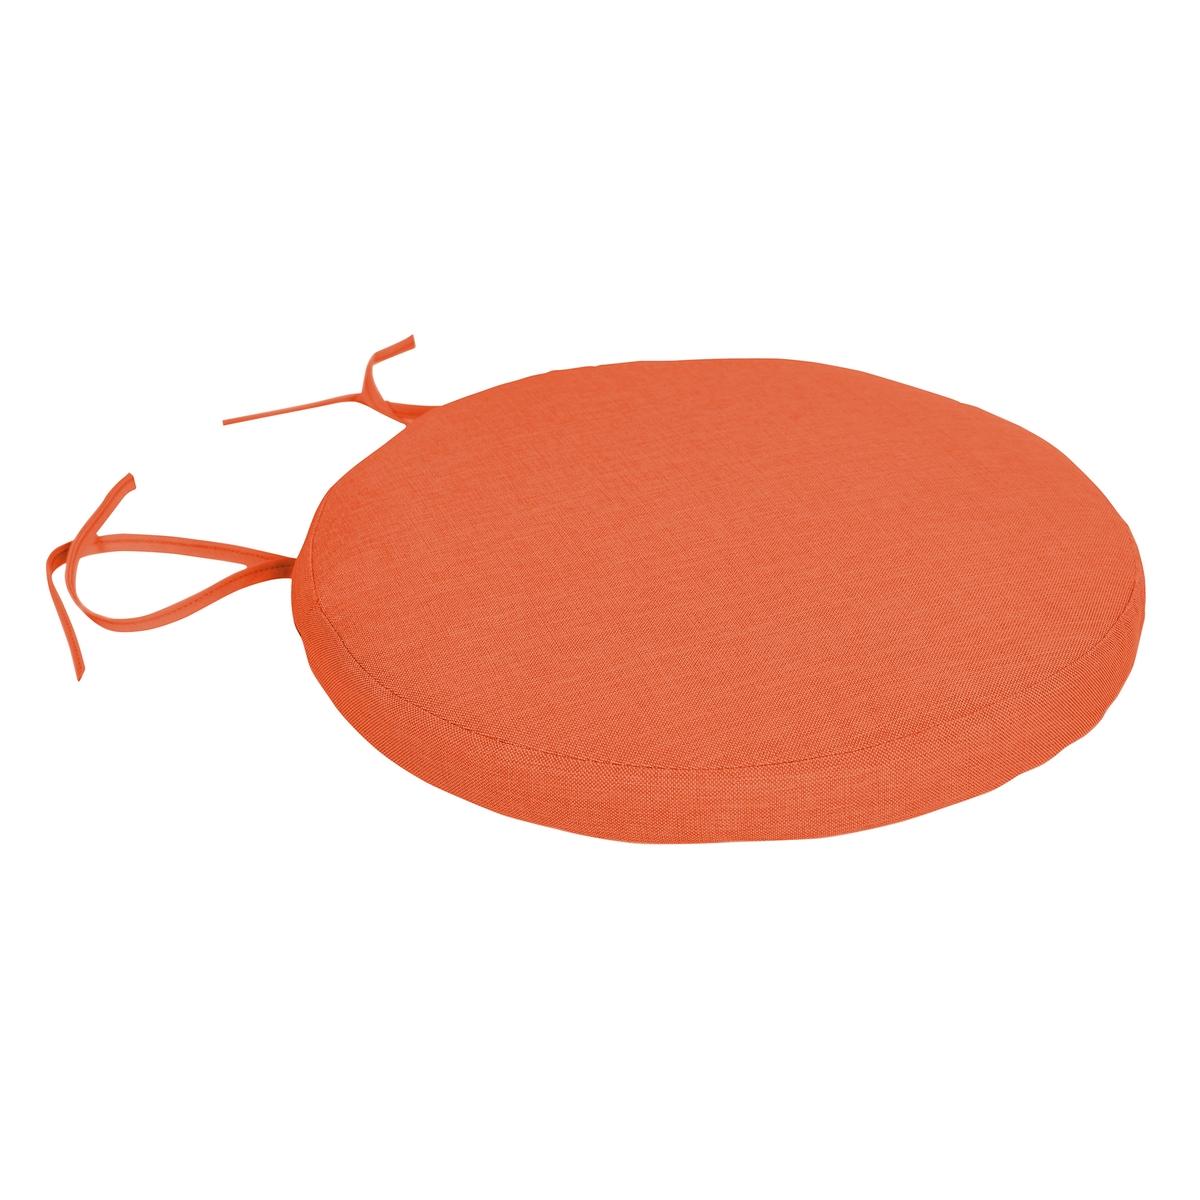 Подушка для стула круглая съёмная SUNAE (комплект из 2 подушек) подушка для стульев комфорт 40 40